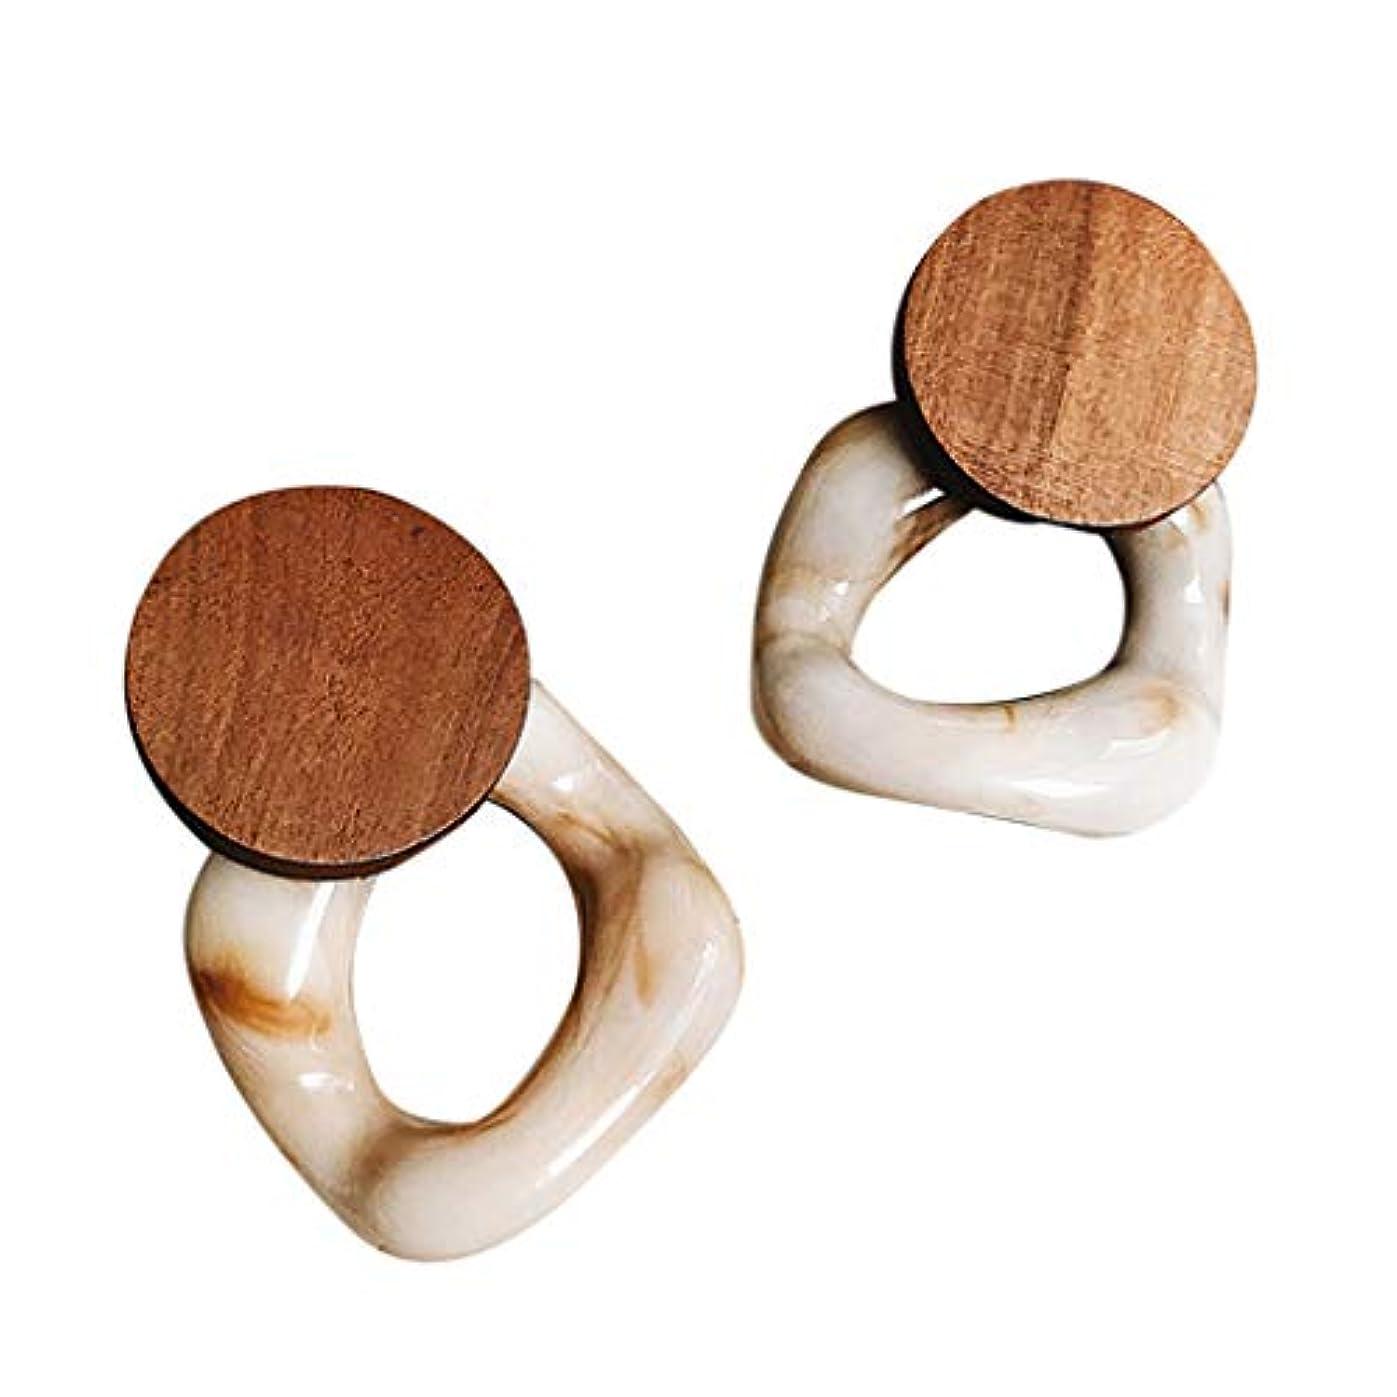 過剰紳士組Nicircle 女性のための新しいファッション樹脂大イヤリング木製イヤリングジュエリー レトロ 樹脂 イヤリング New Fashion Resin Large Earrings For Women Wooden Earrings...